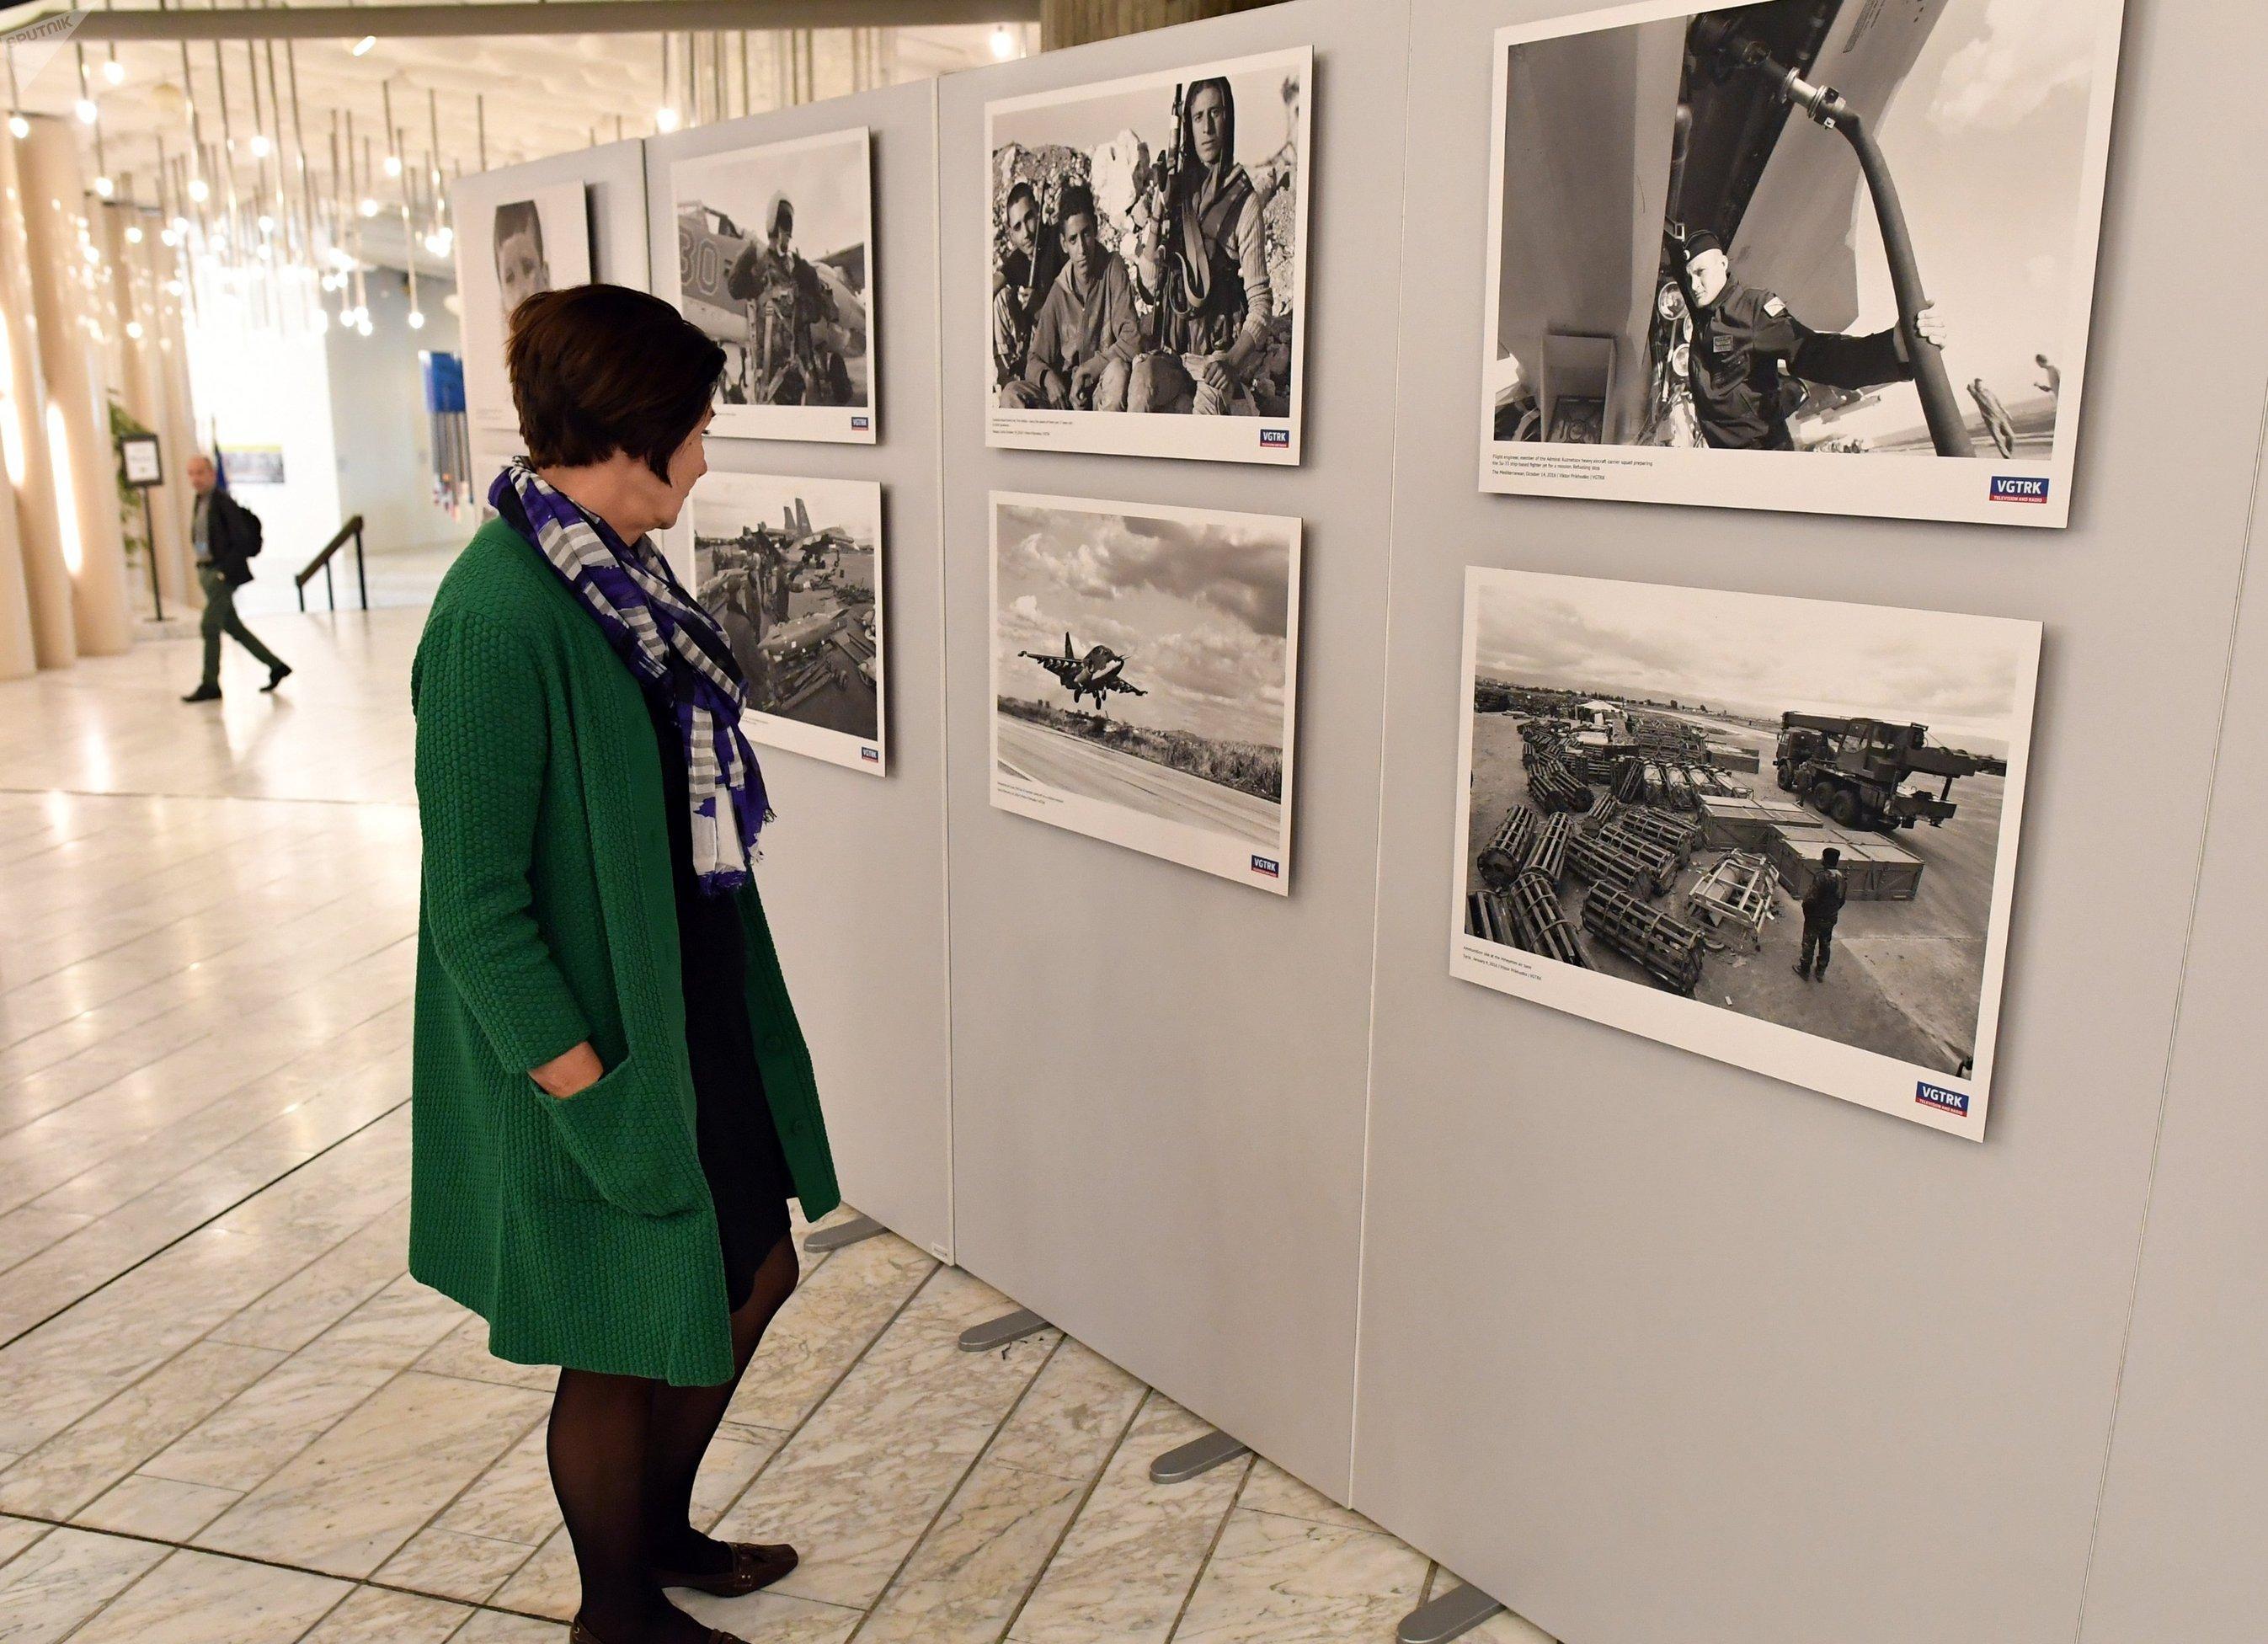 Exposición rusa de fotos sobre Siria en Estrasburgo